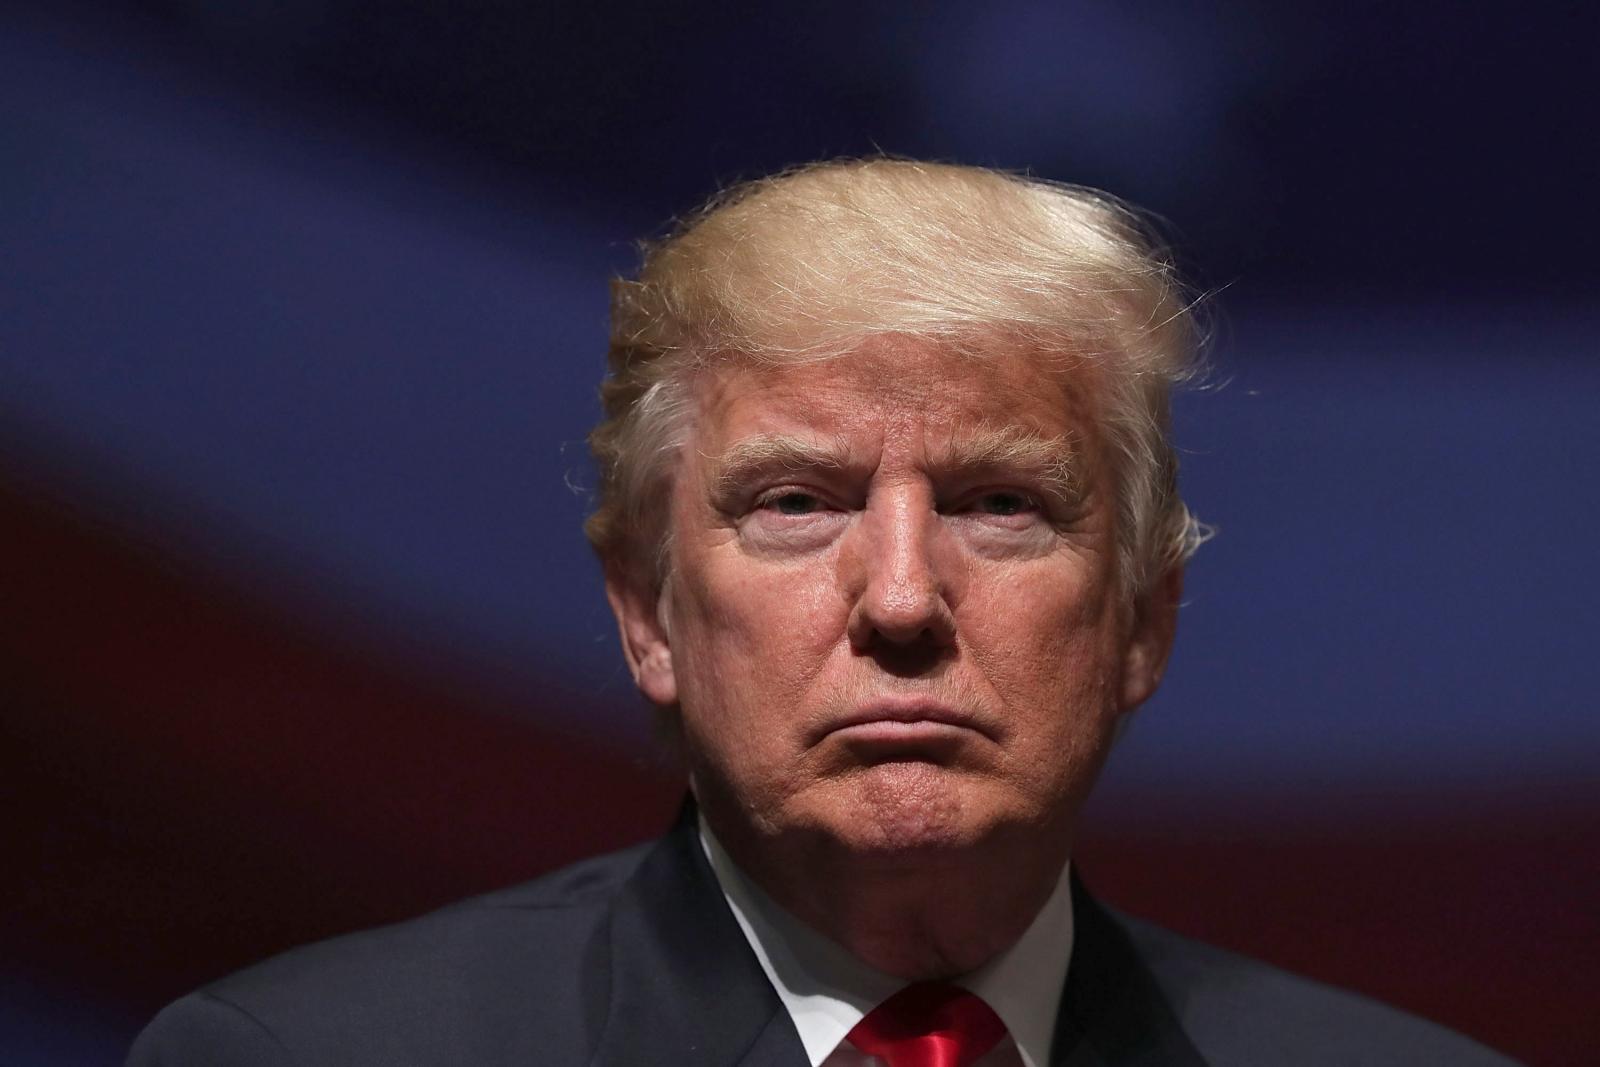 trump pictures unamused